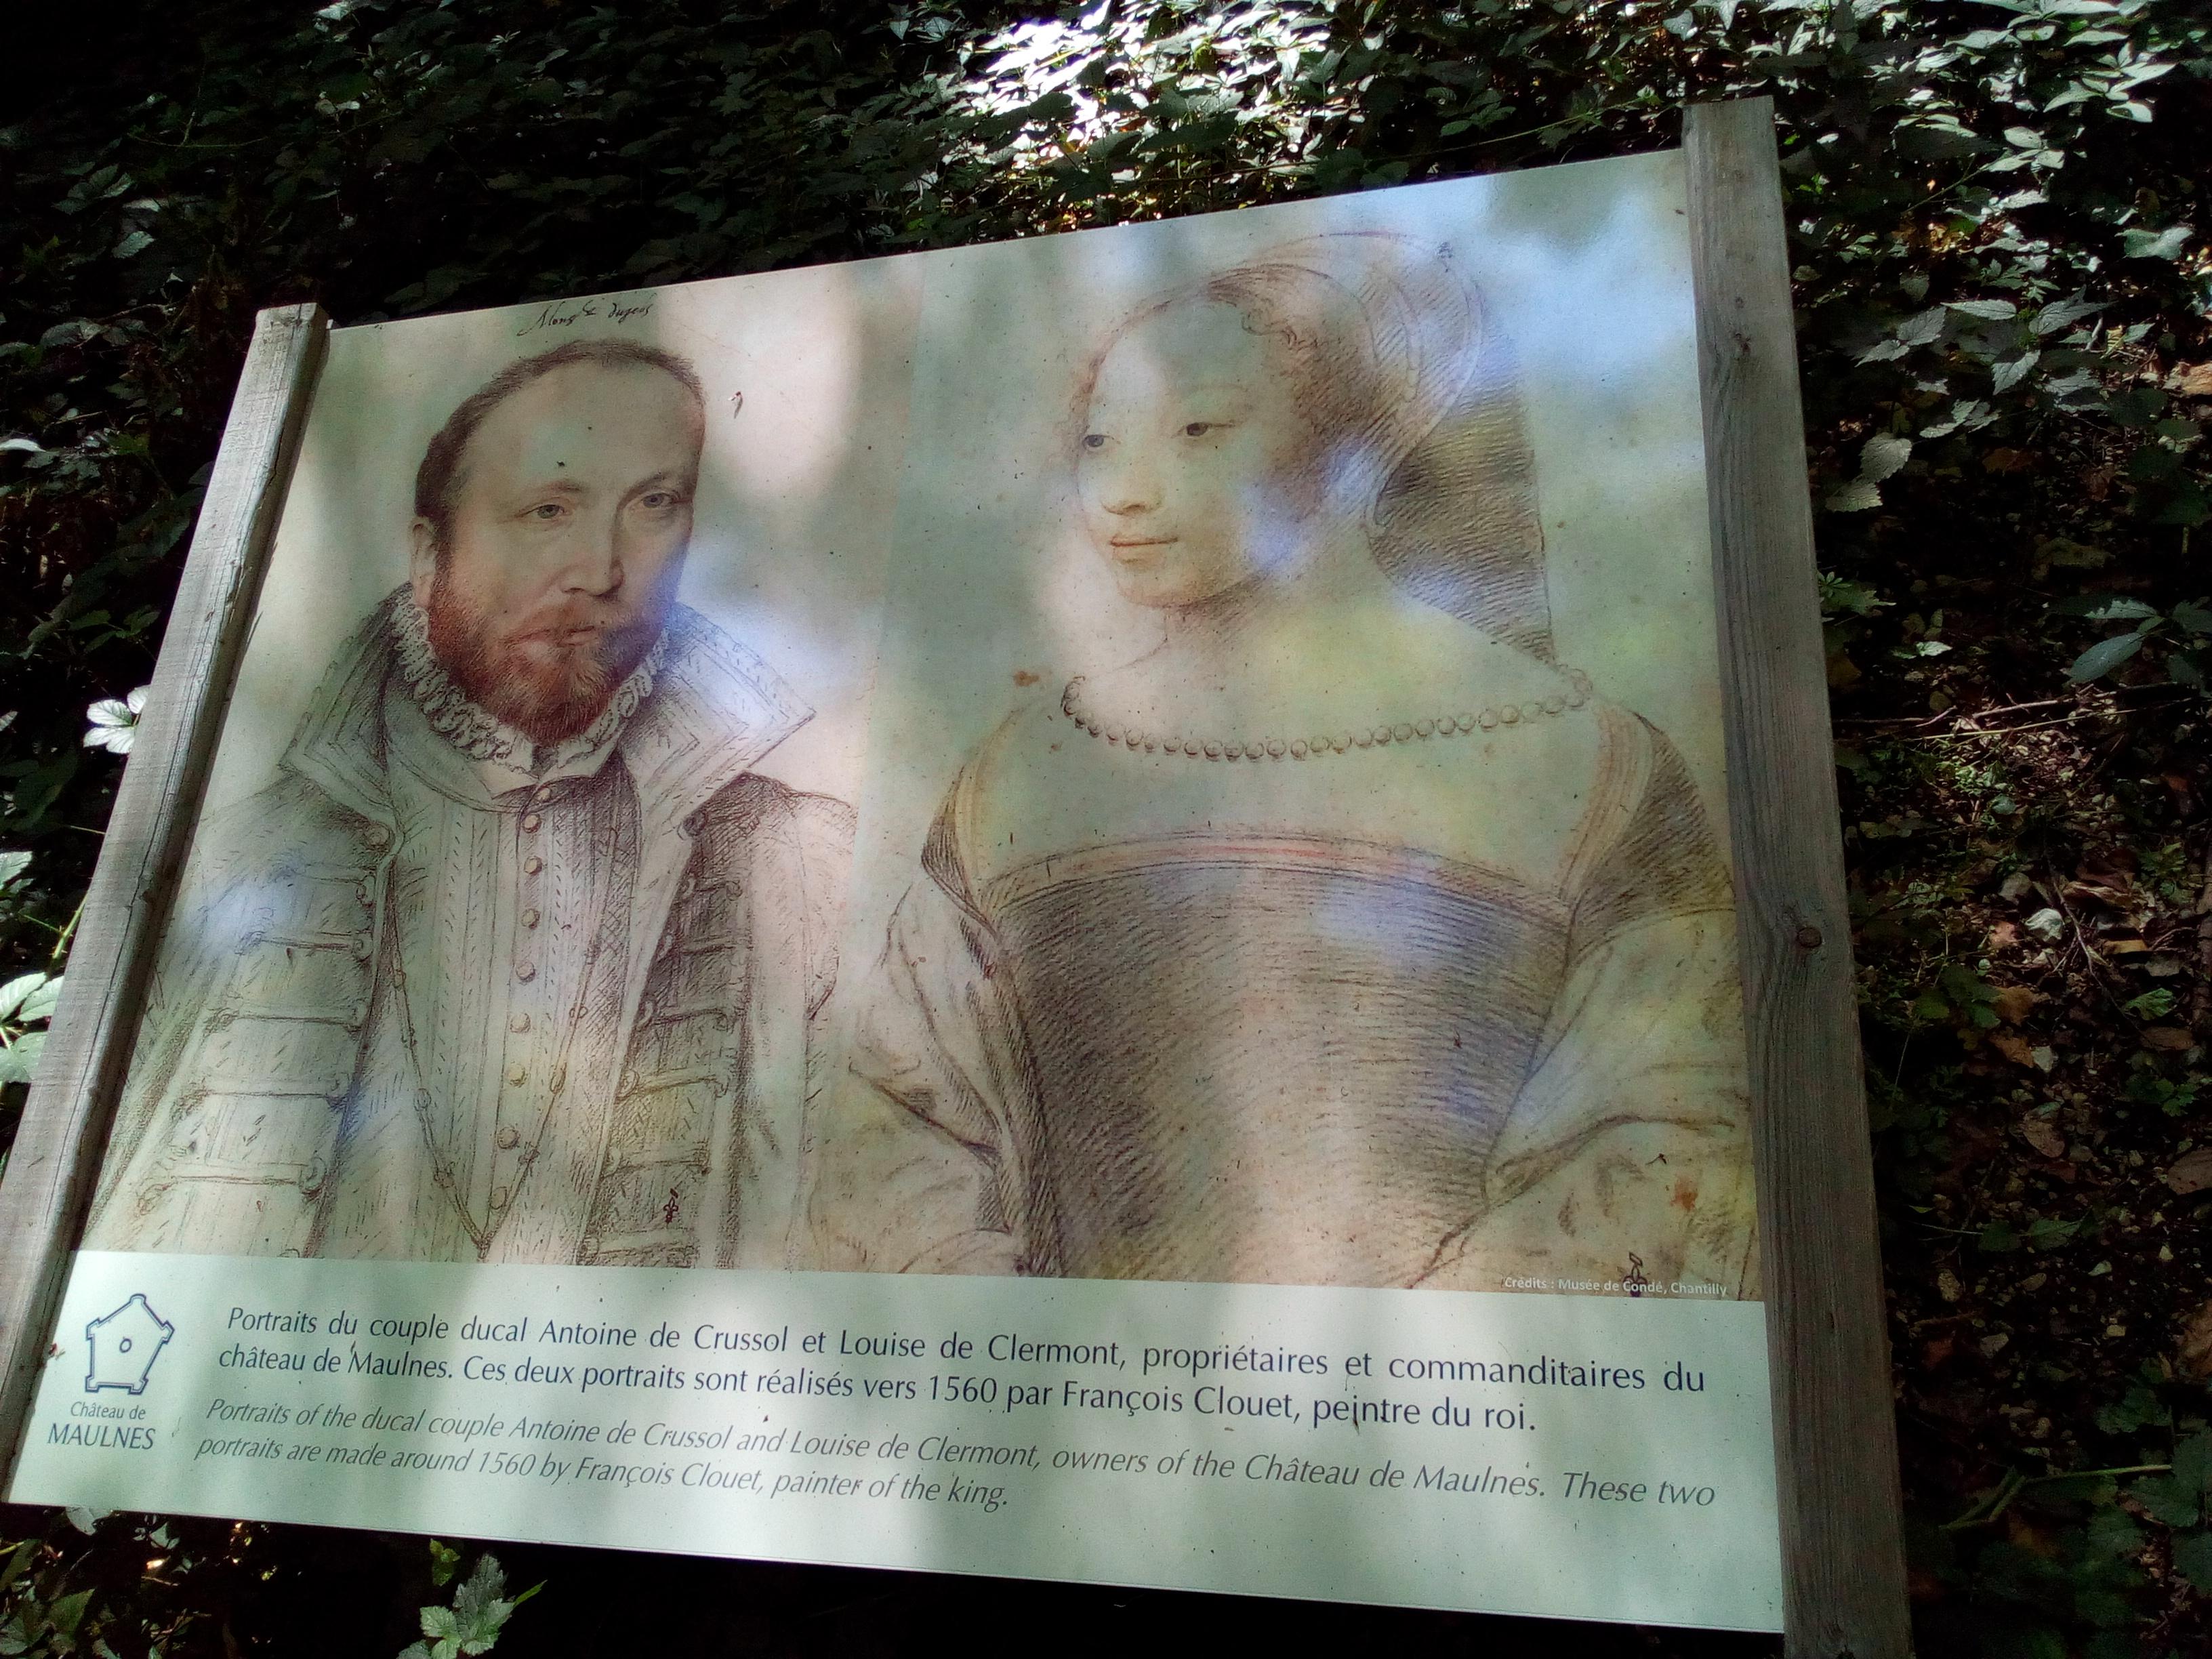 Le couple ducal du Château de Maulnes à Cruzy-le-Châtel (89)